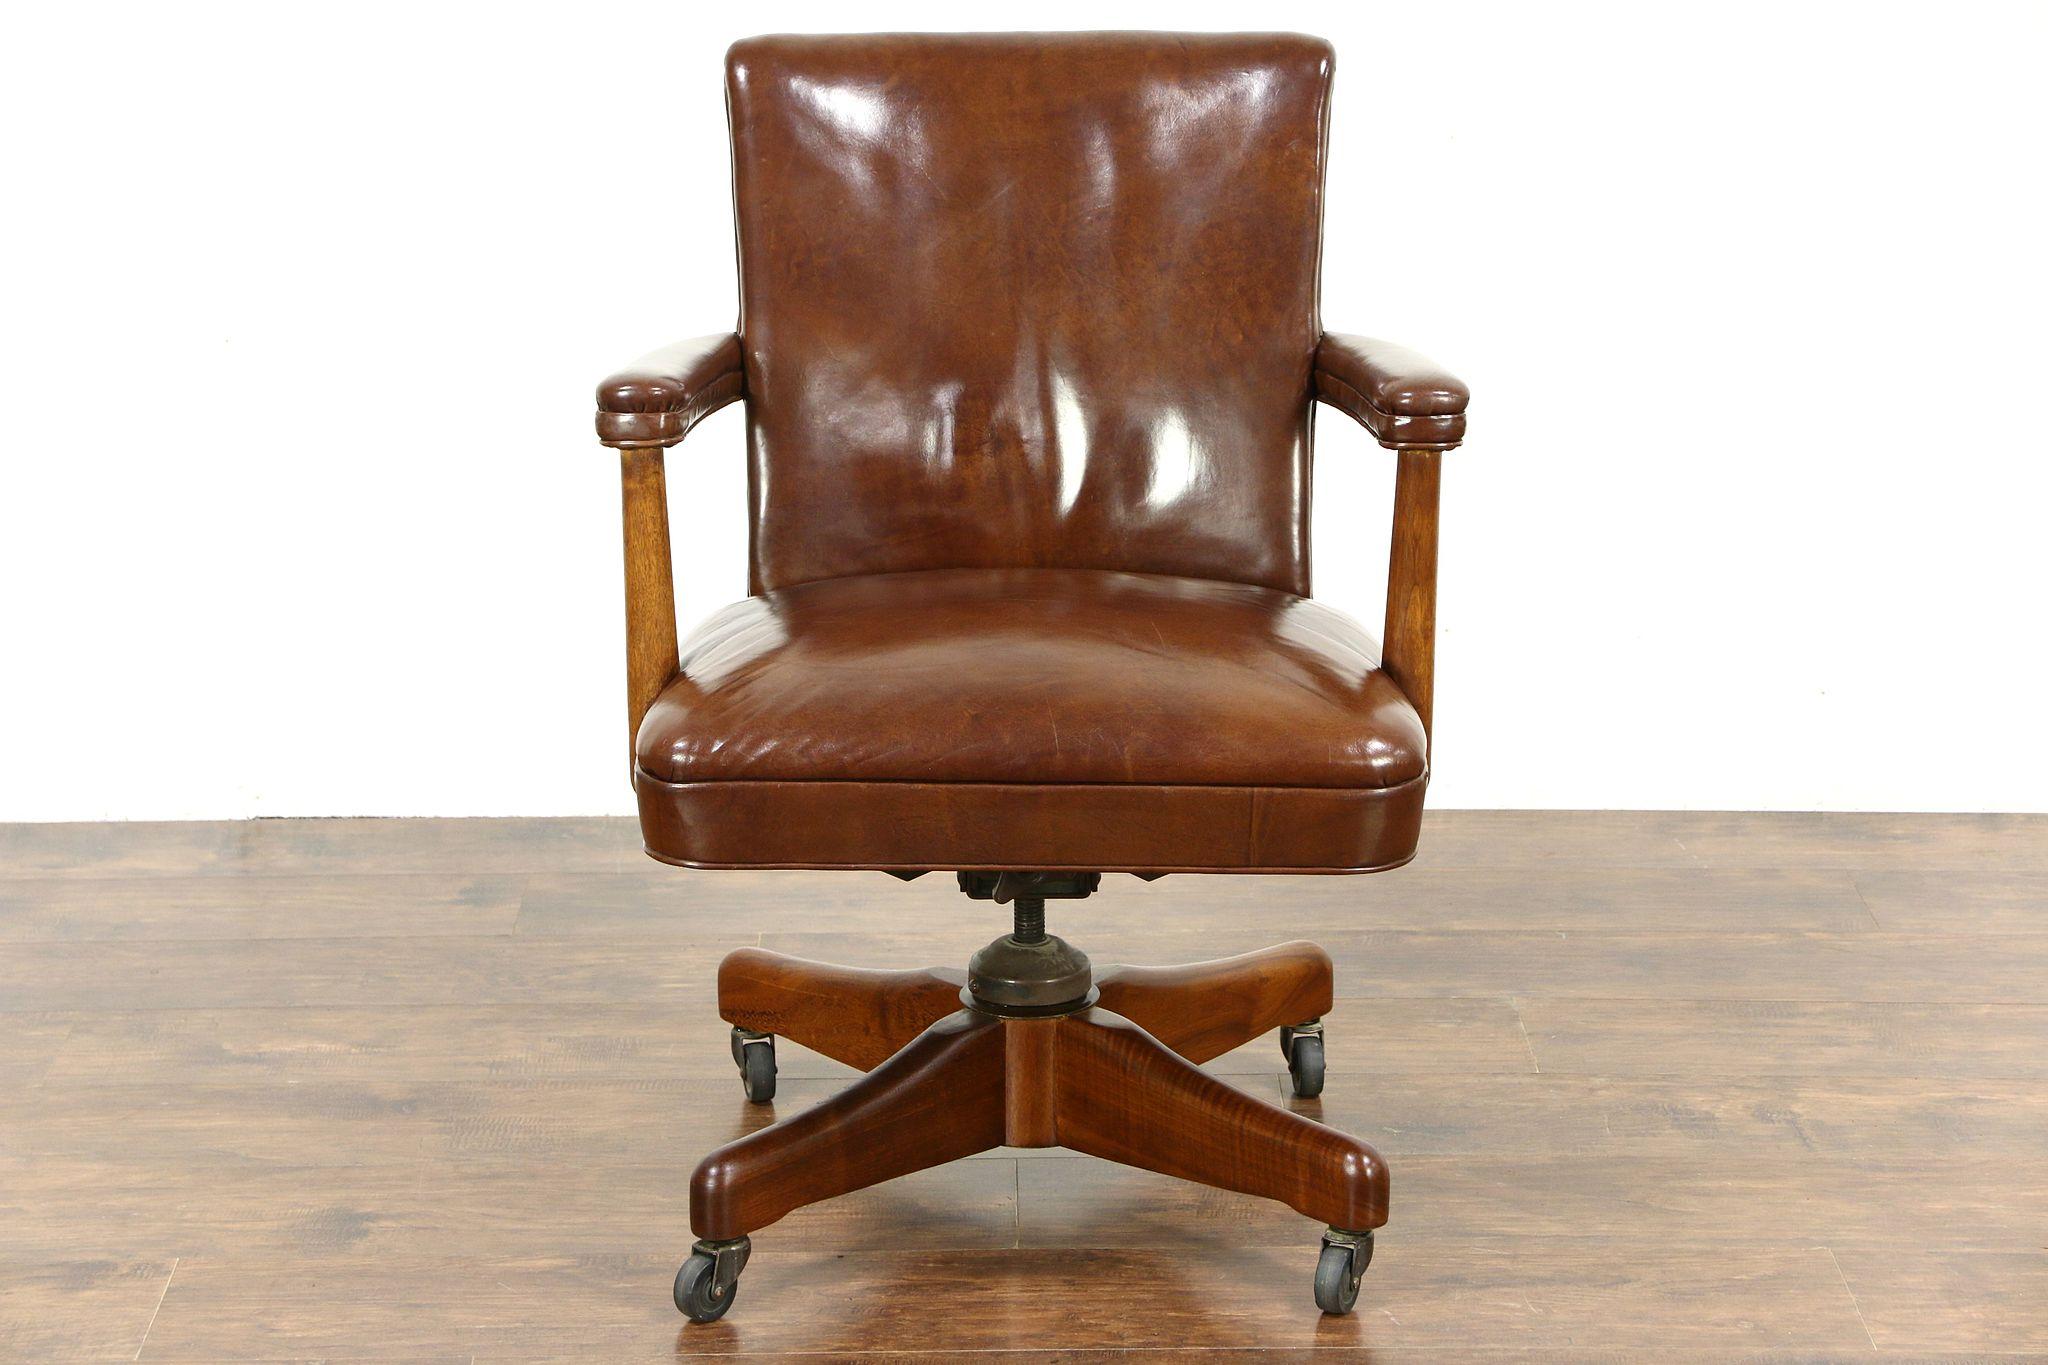 Sold Midcentury Modern 1960 Vintage Leather Swivel Adjustable Desk